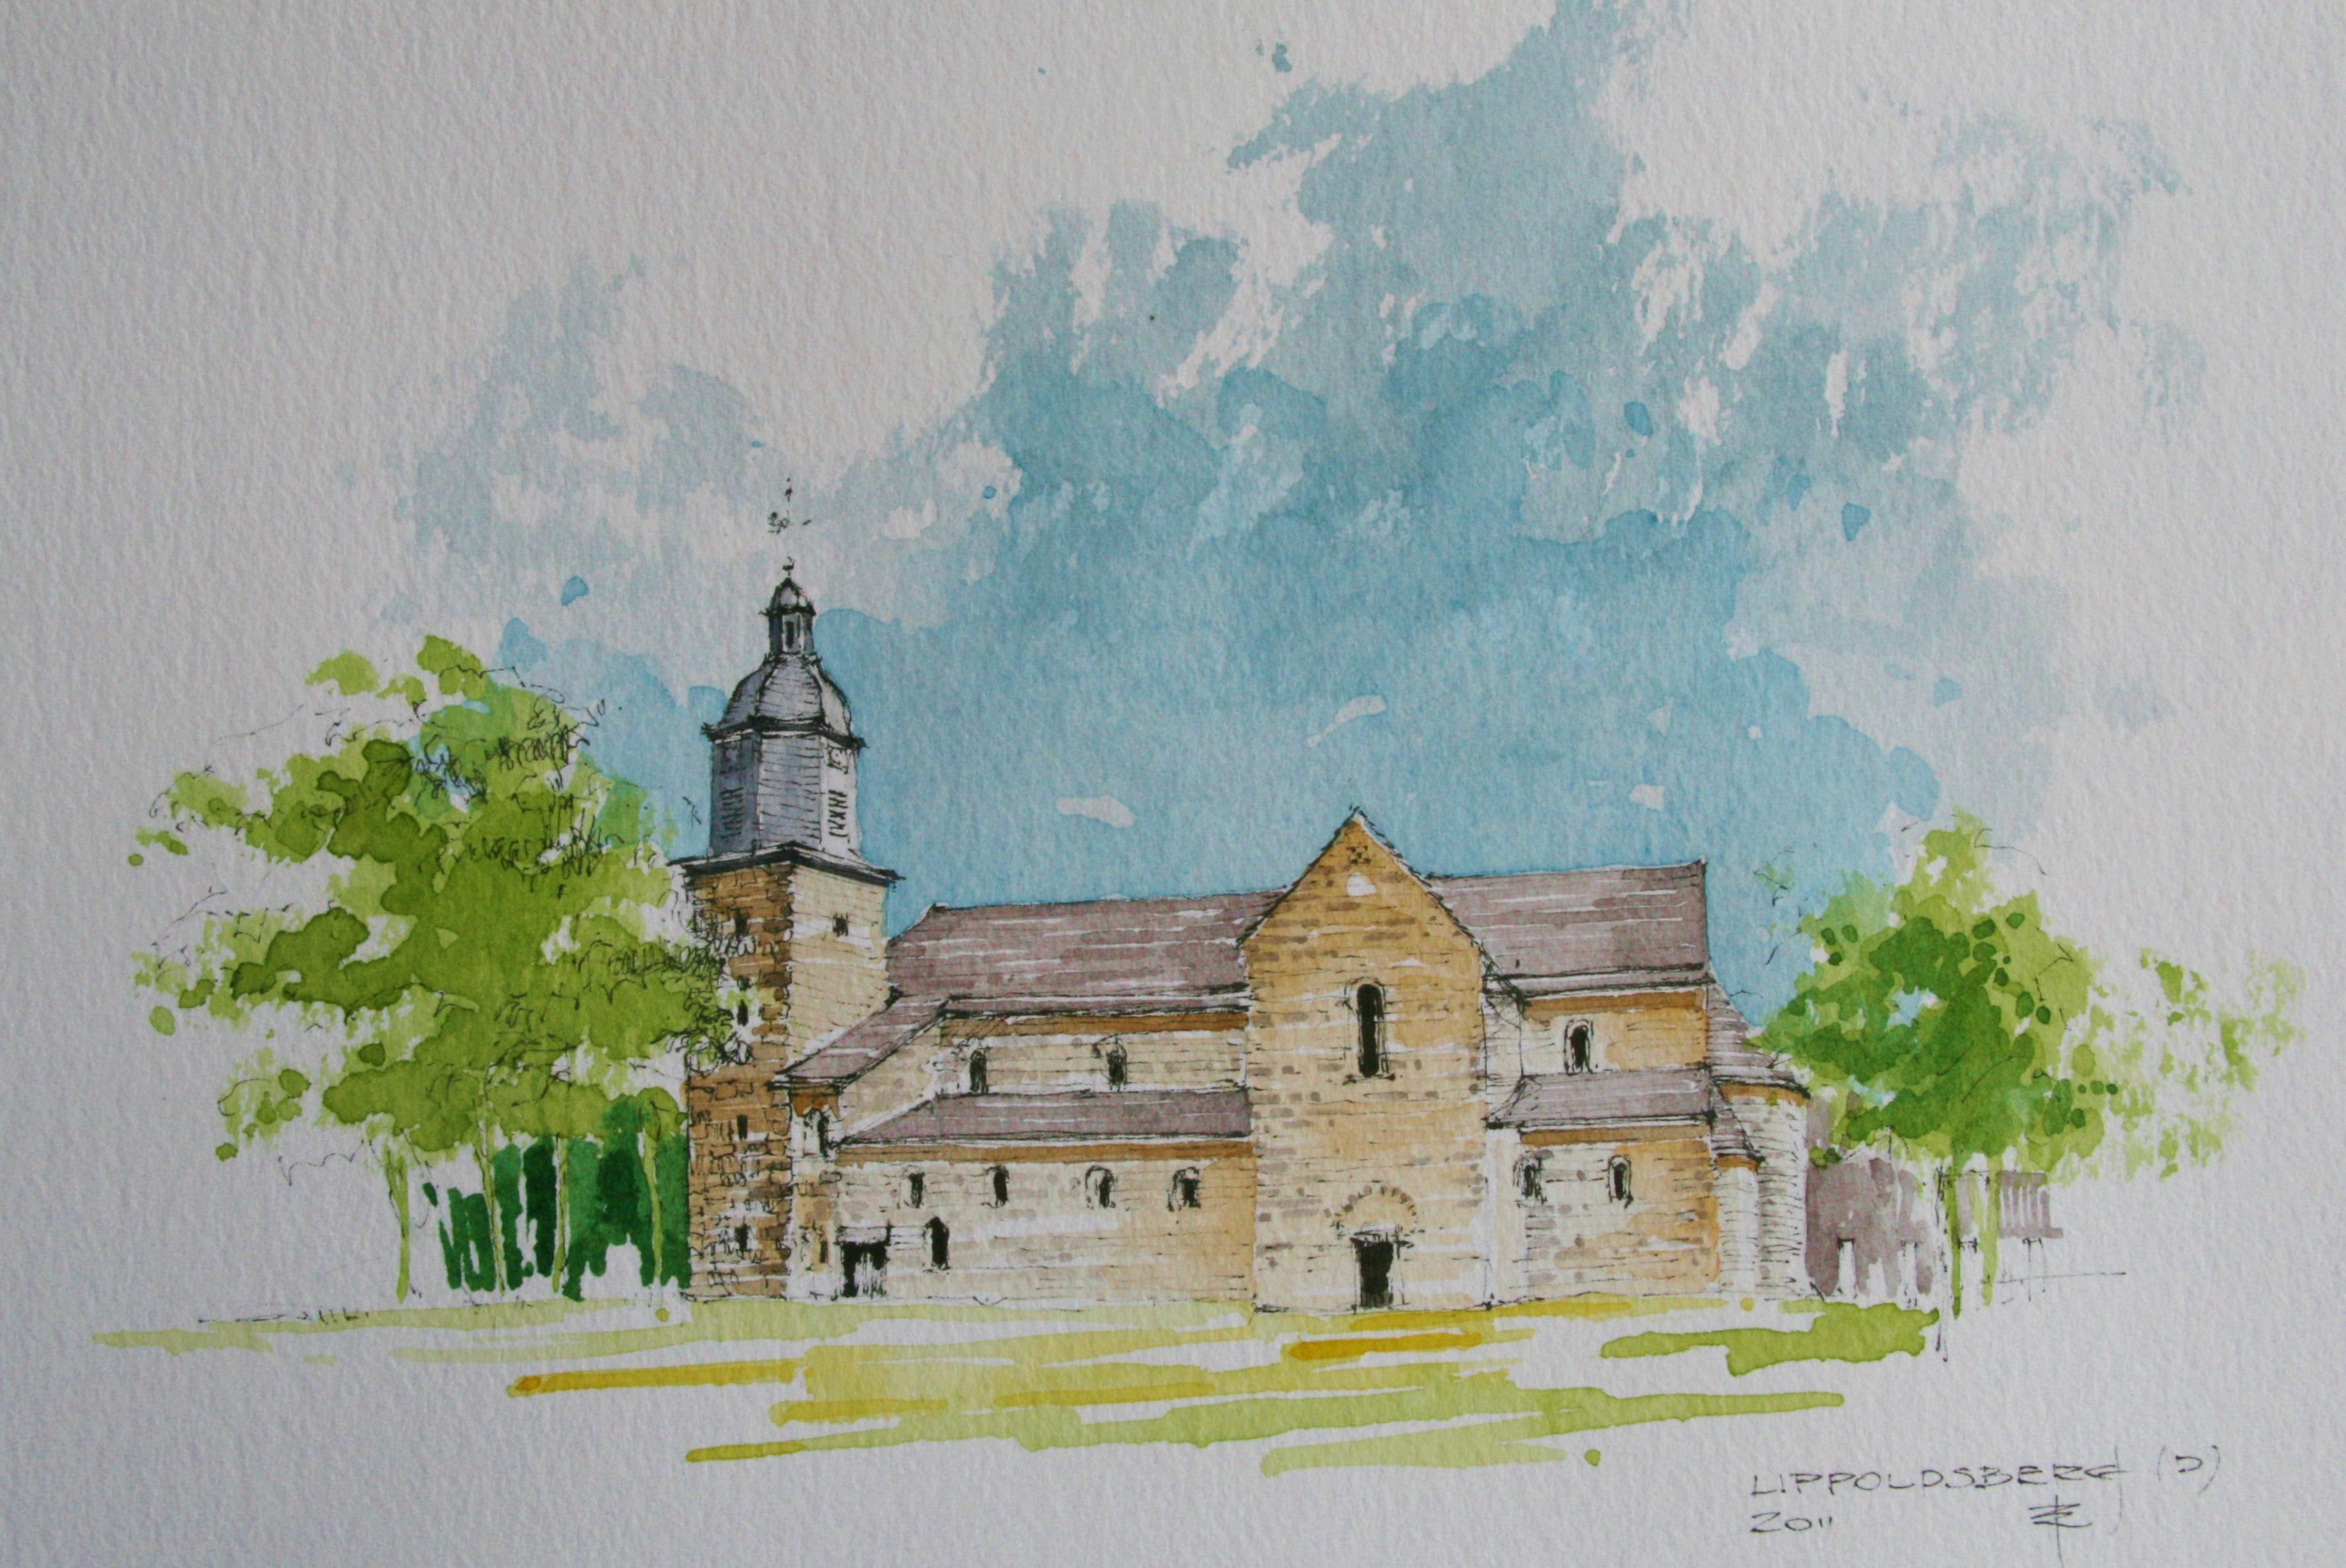 fileklosterkirche lippoldsberg  aquarell  wikimedia